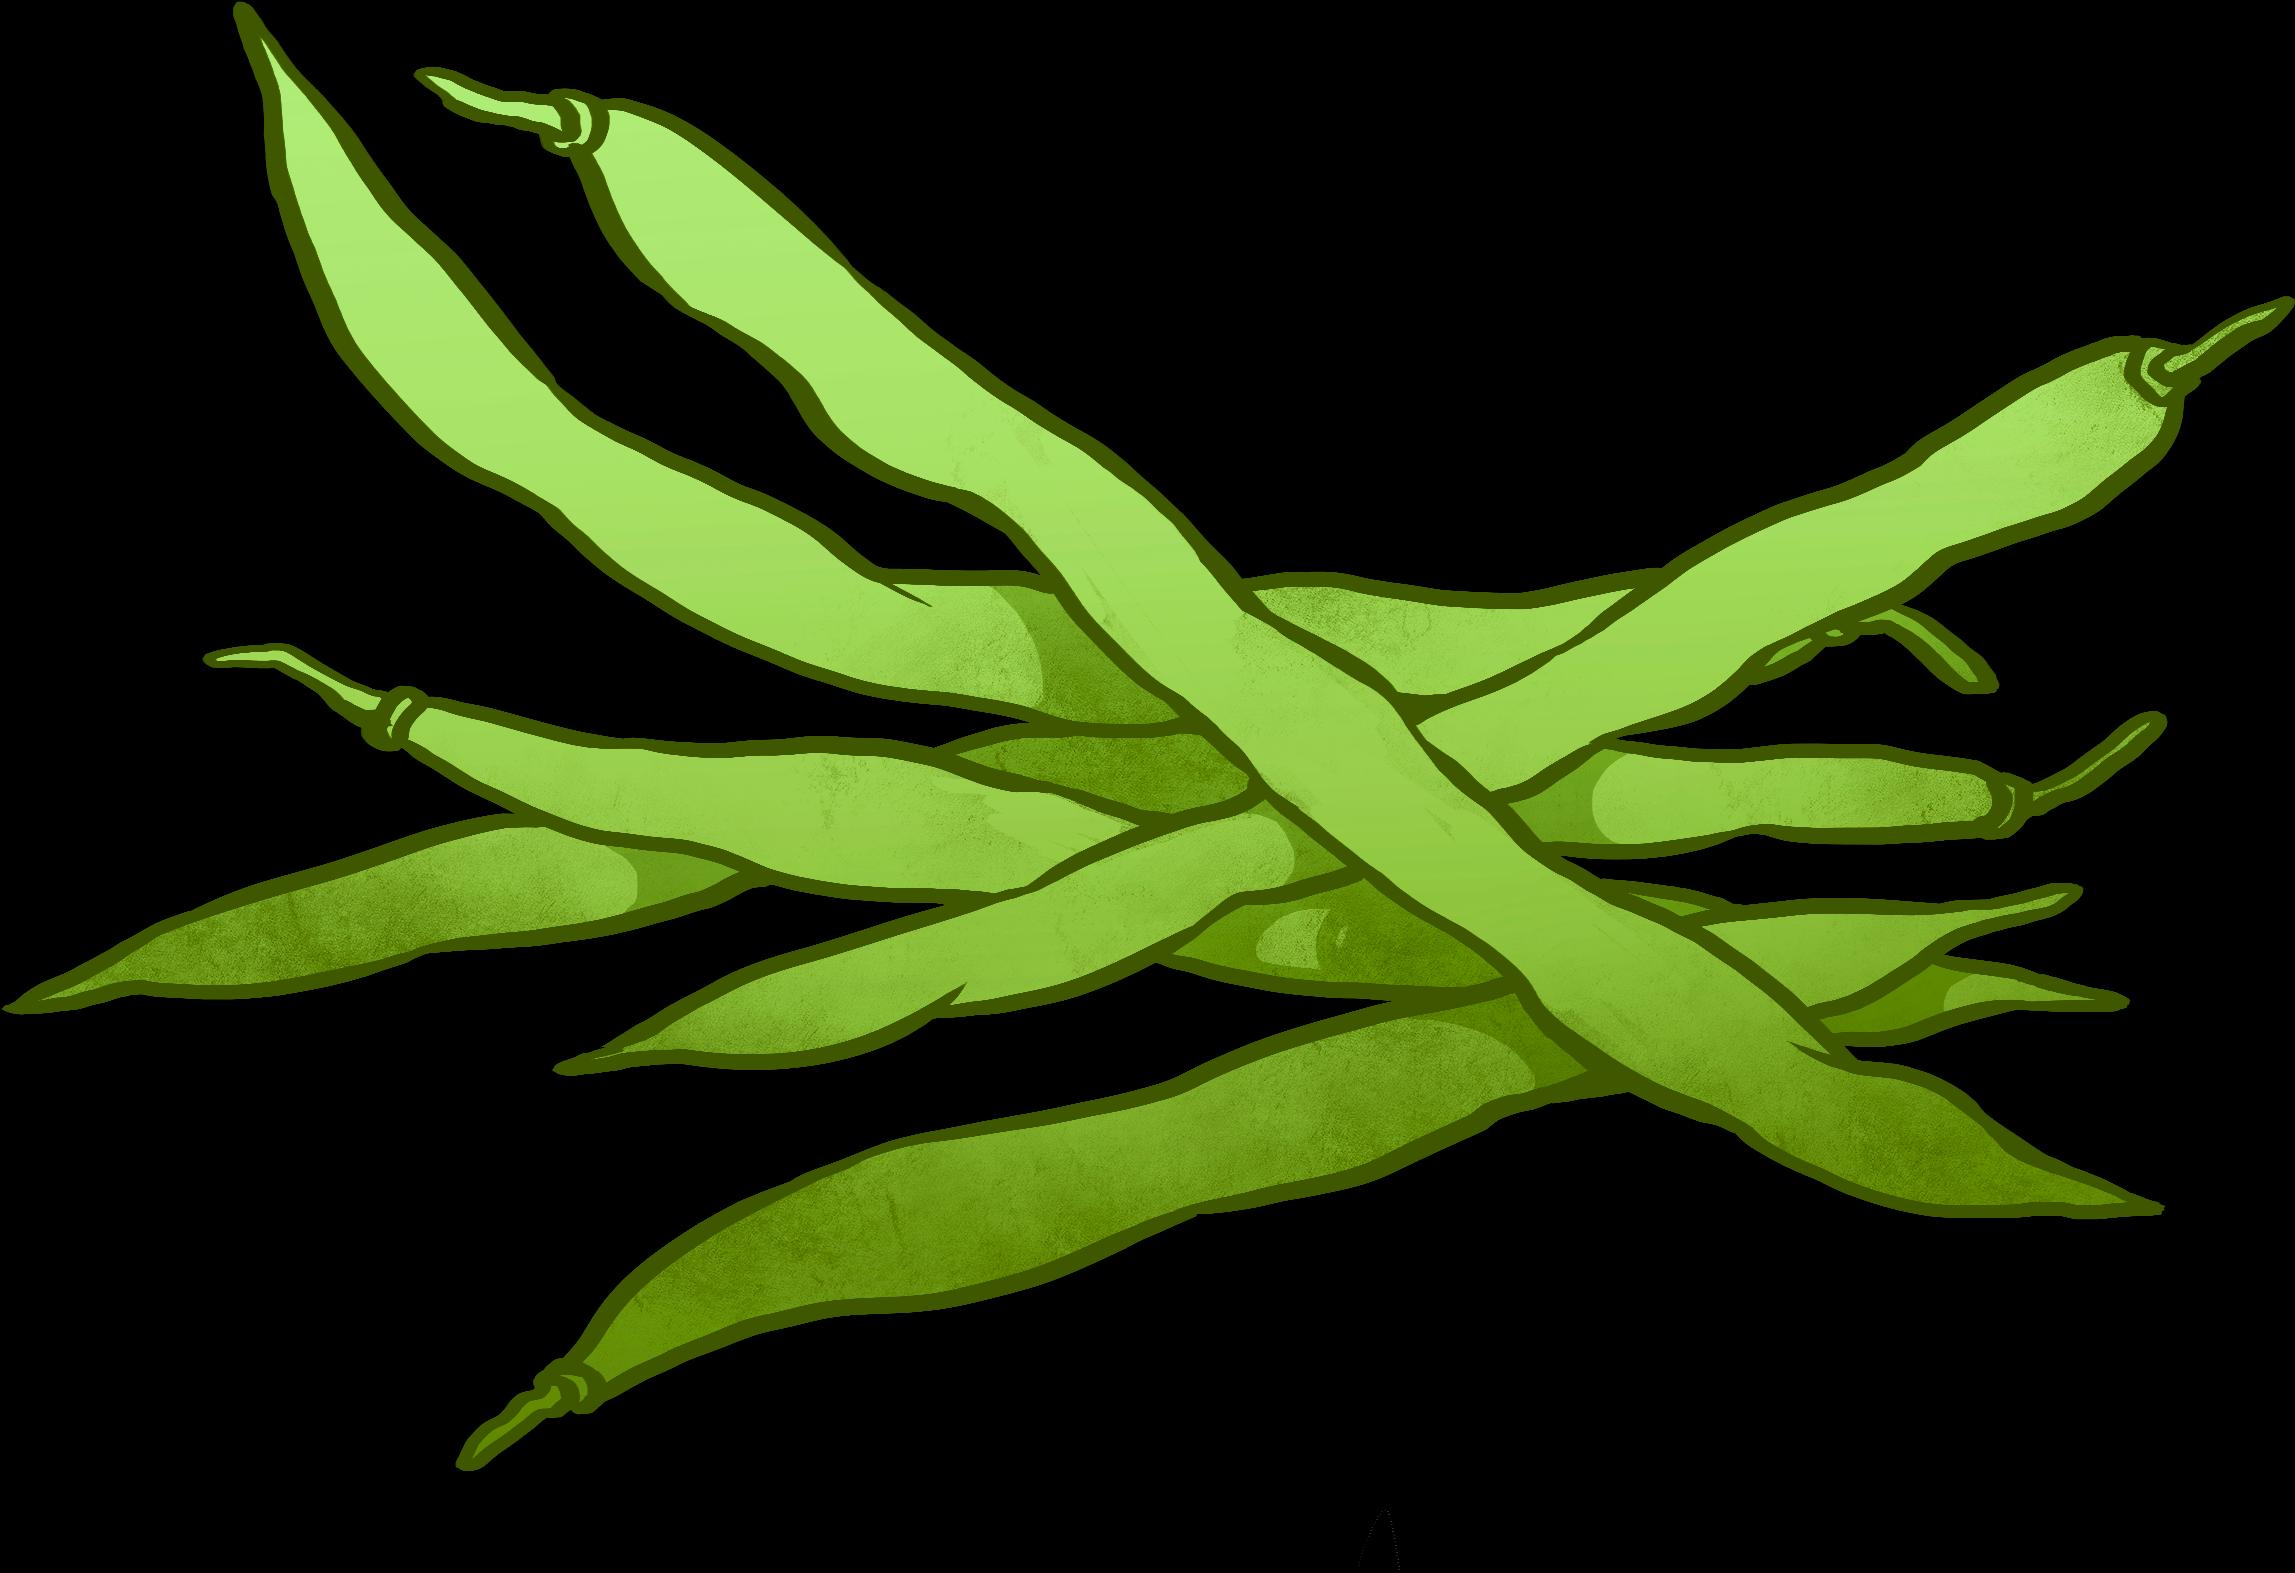 Bean clipart bataw. Hd peas drawing runner